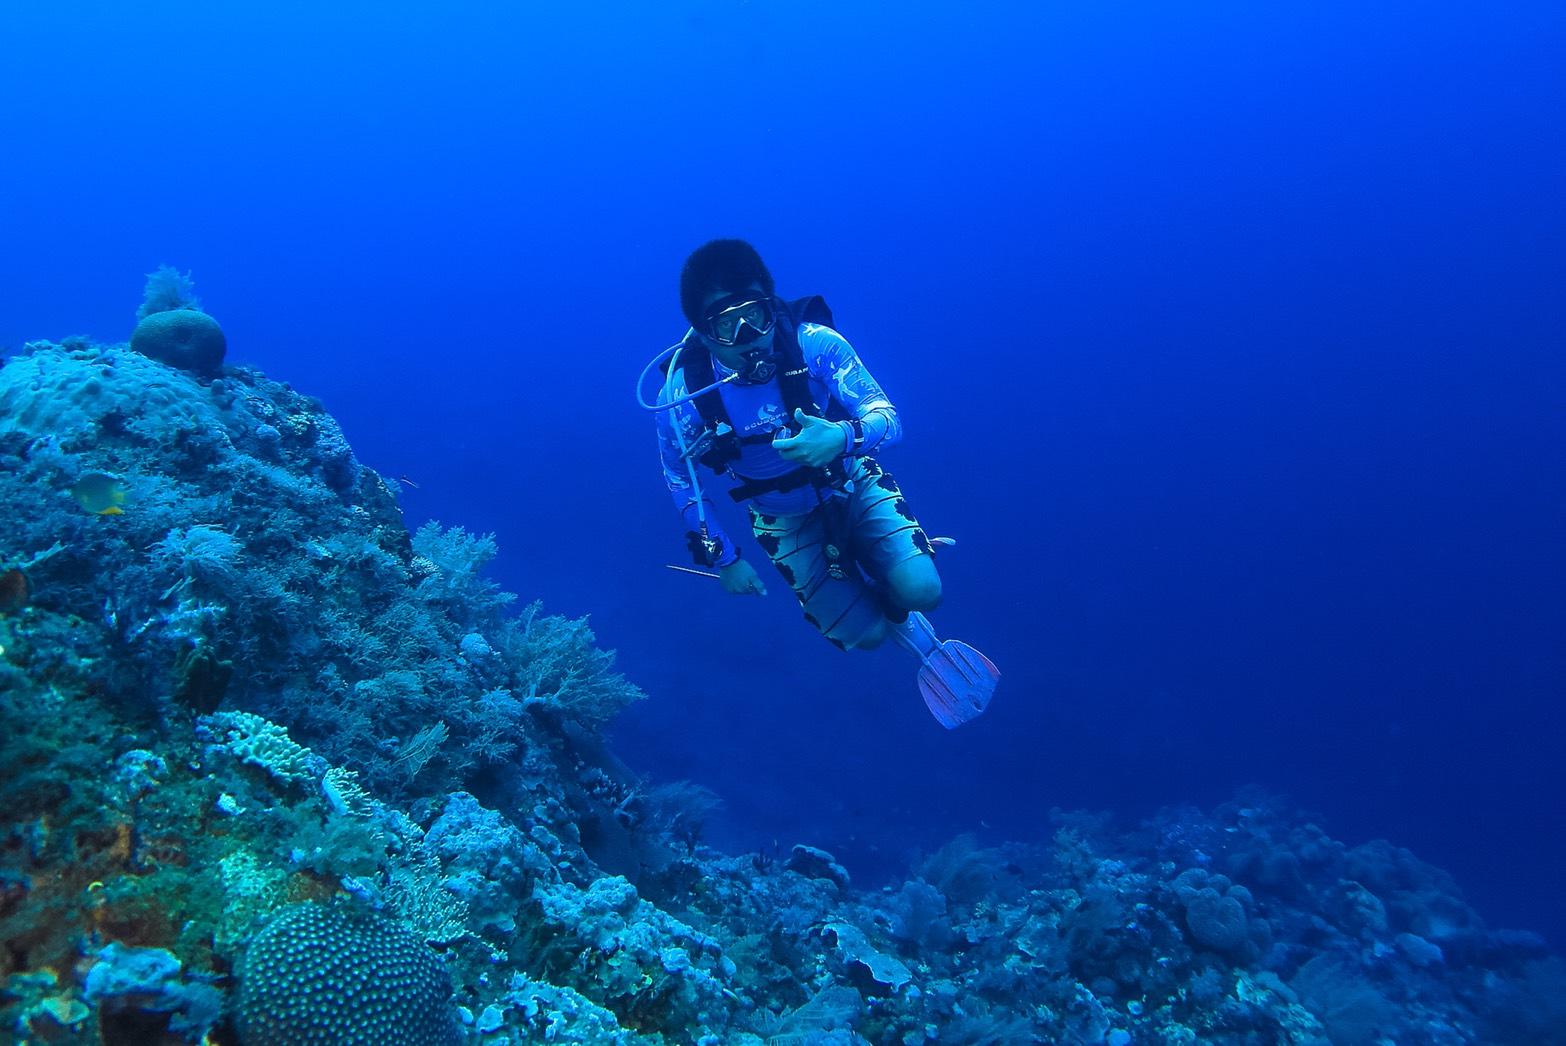 圖3. 澎湖海域海底潛水照一,海底探勘珊瑚的狀態。